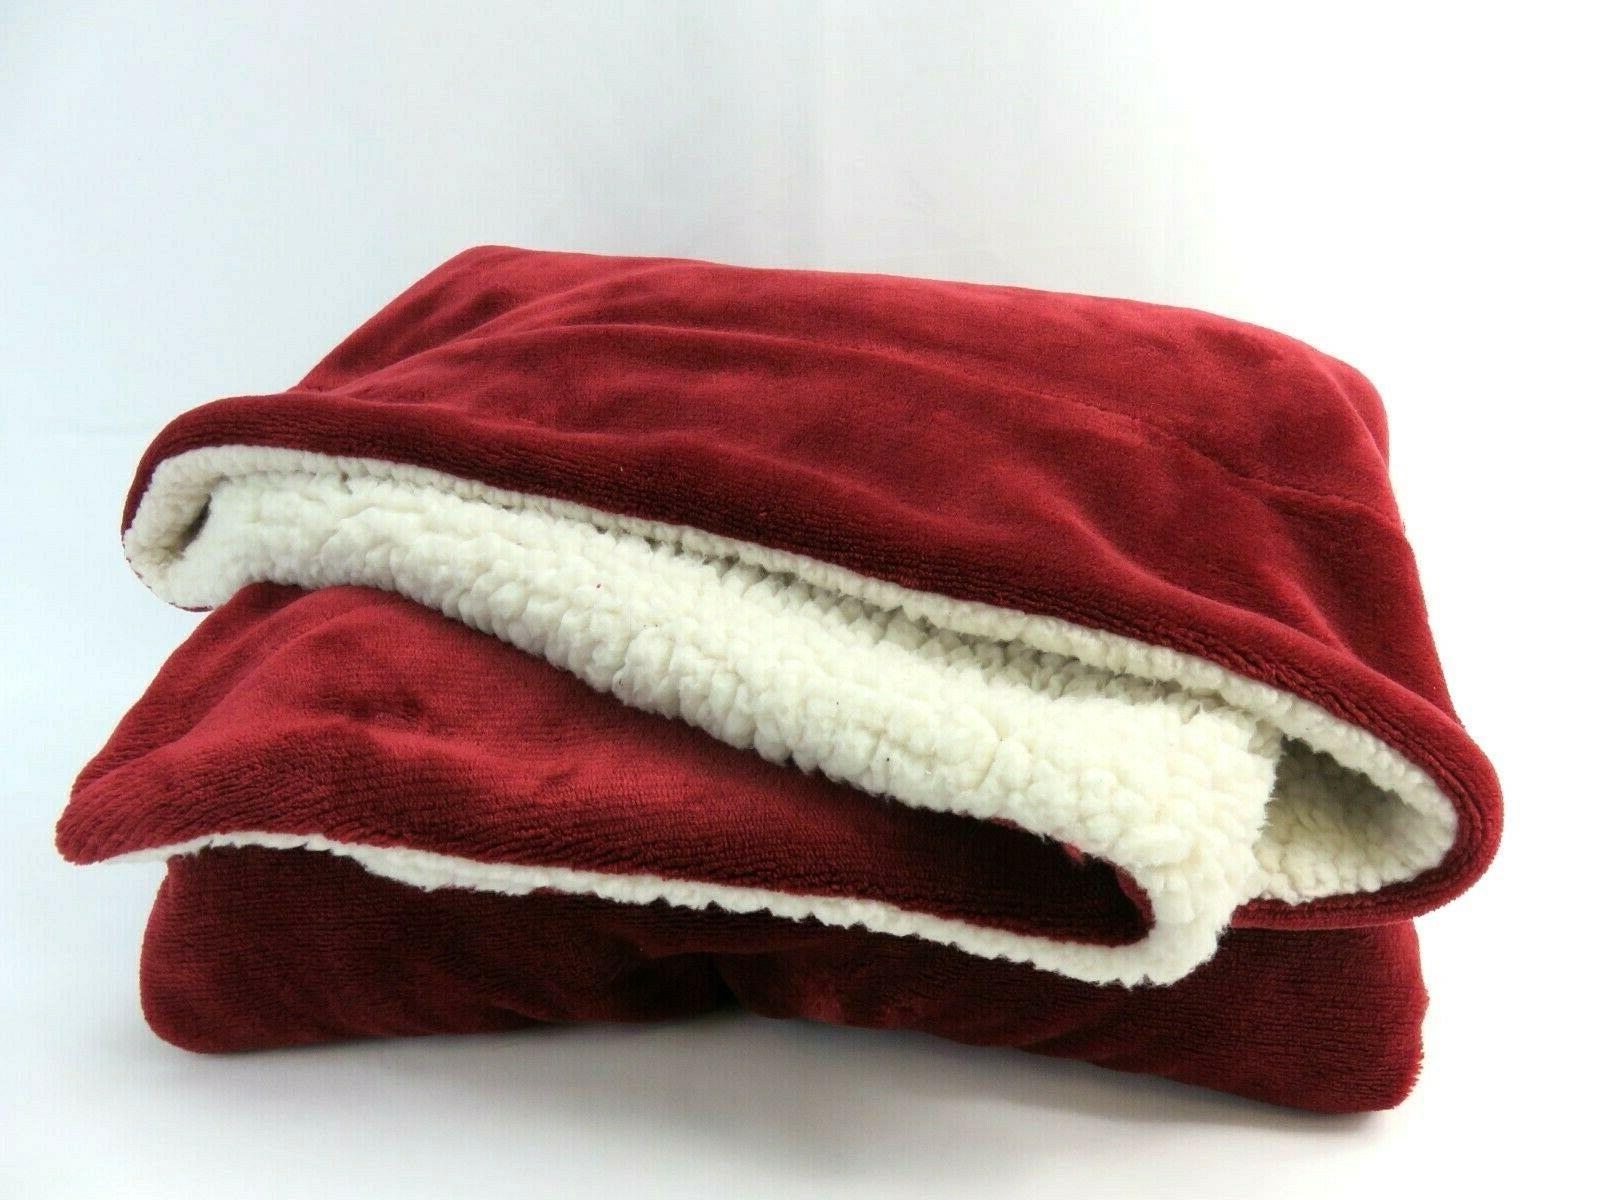 sherpa fleece blanket 65in x 50in red